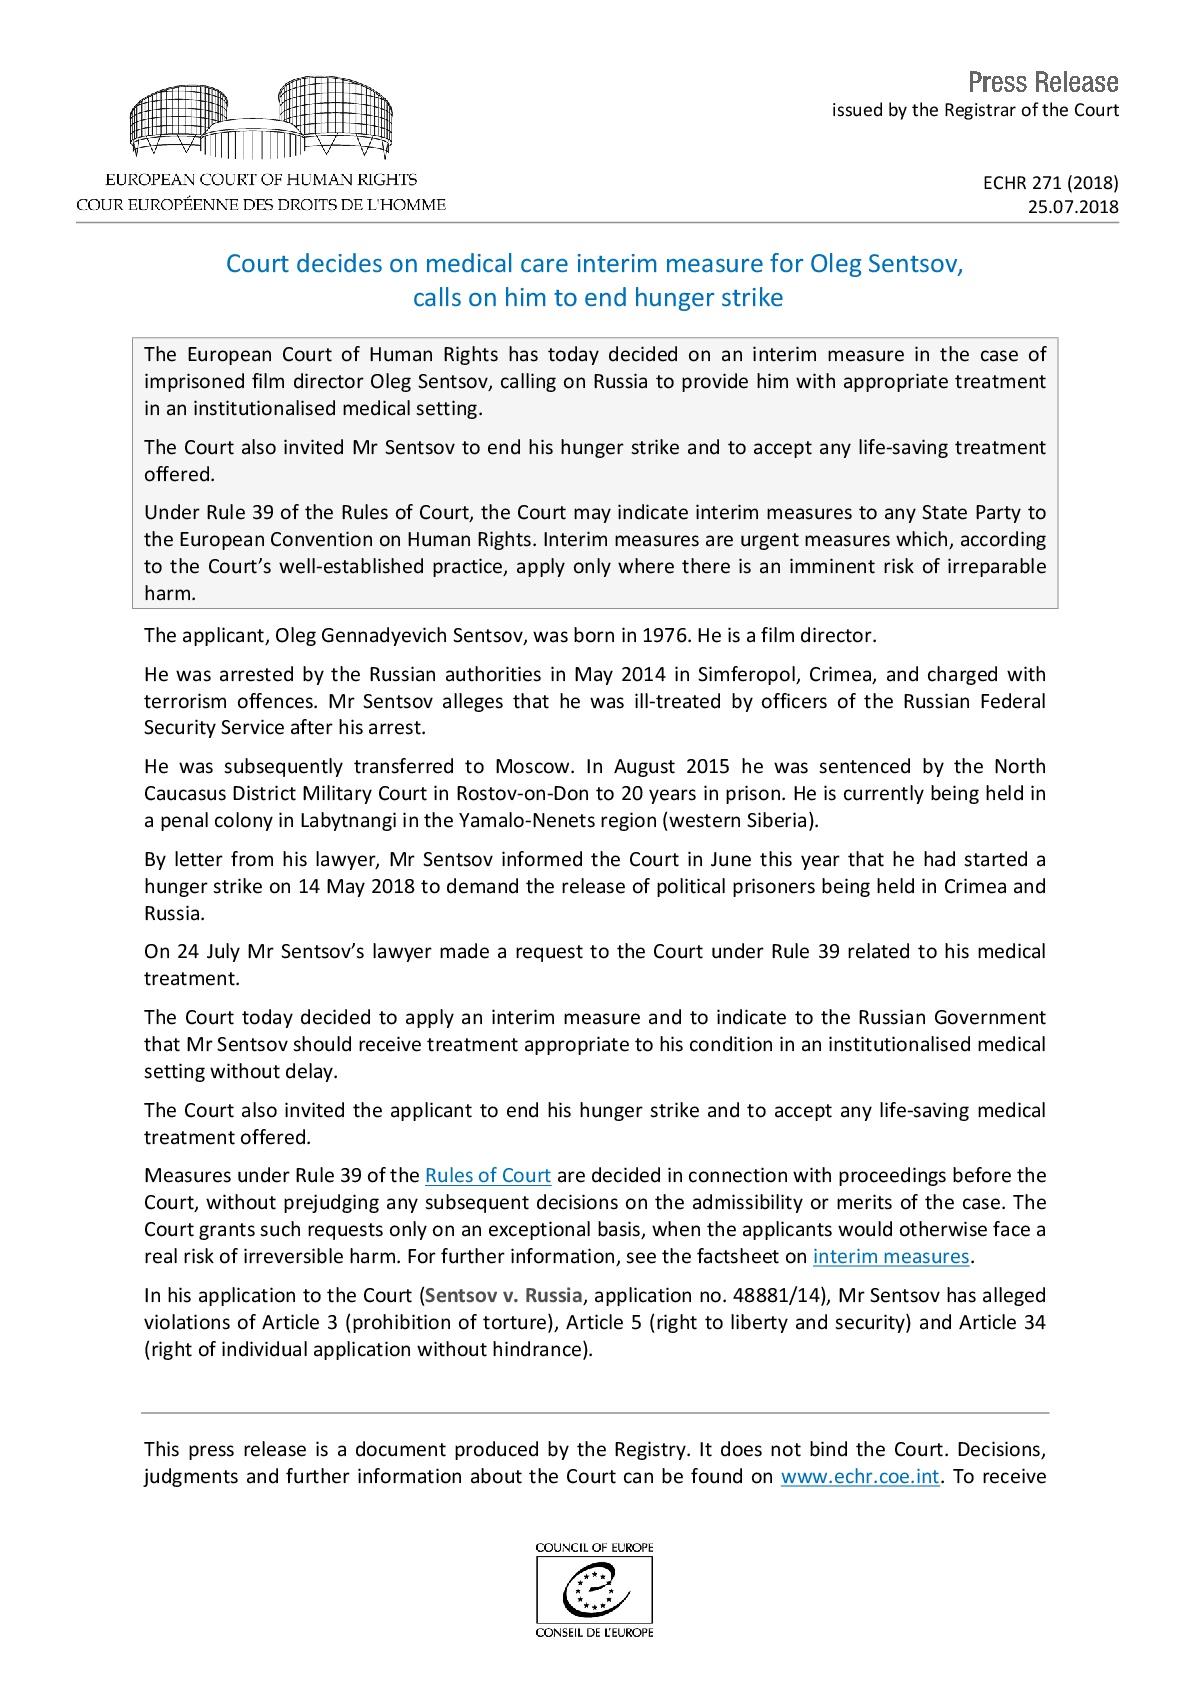 Европейский суд по правам человека призвал Россию обеспечить Олегу Сенцову необходимое лечение